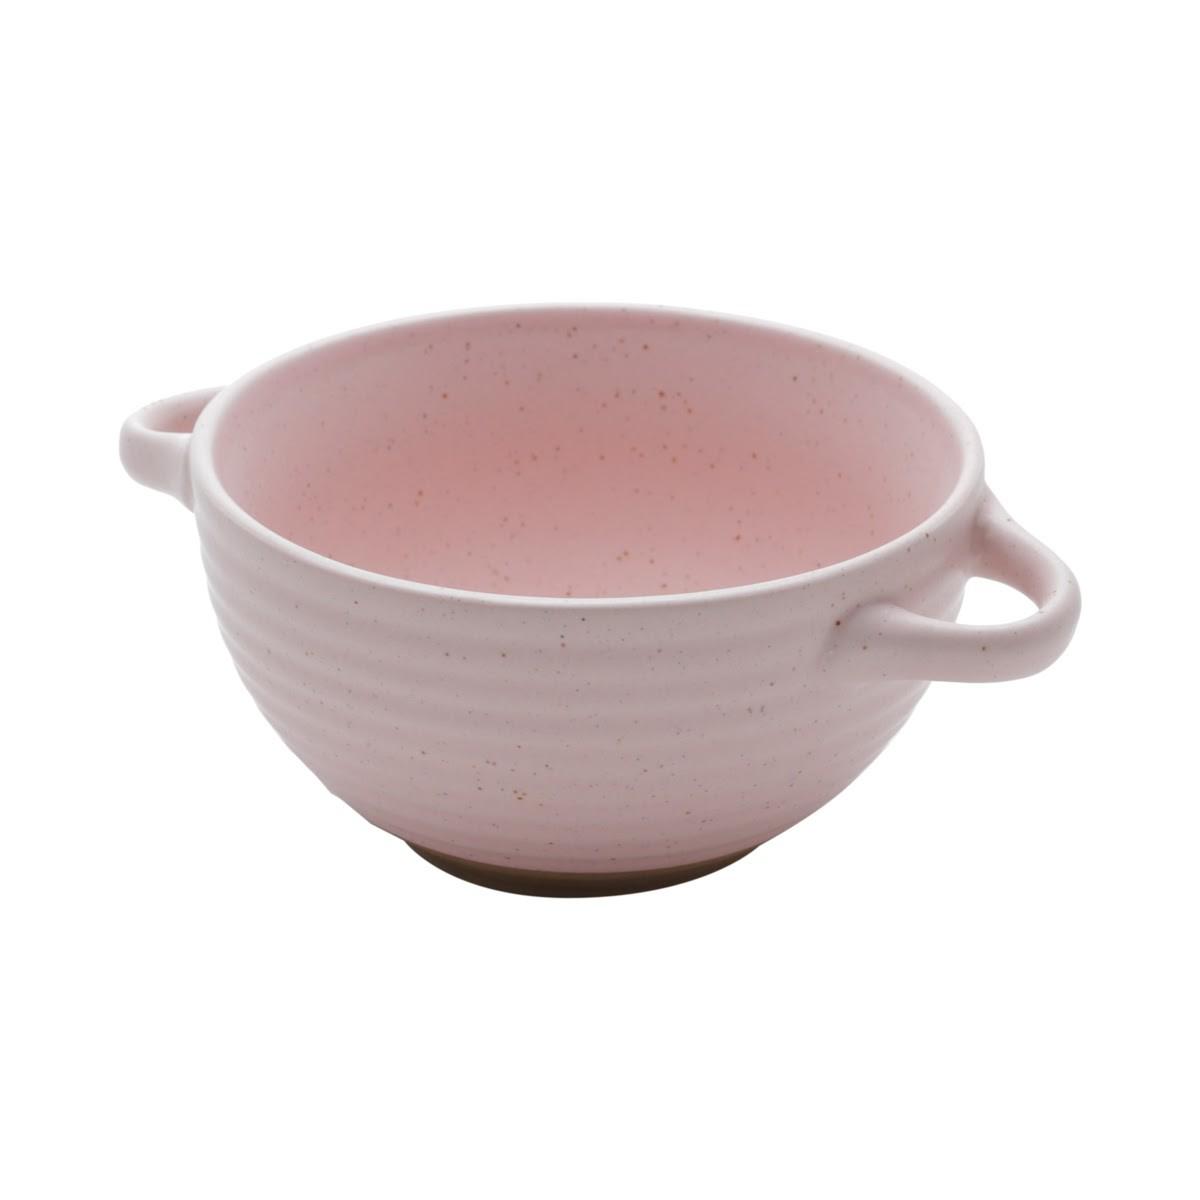 Bowl Cerâmica com alça Romance Rosa